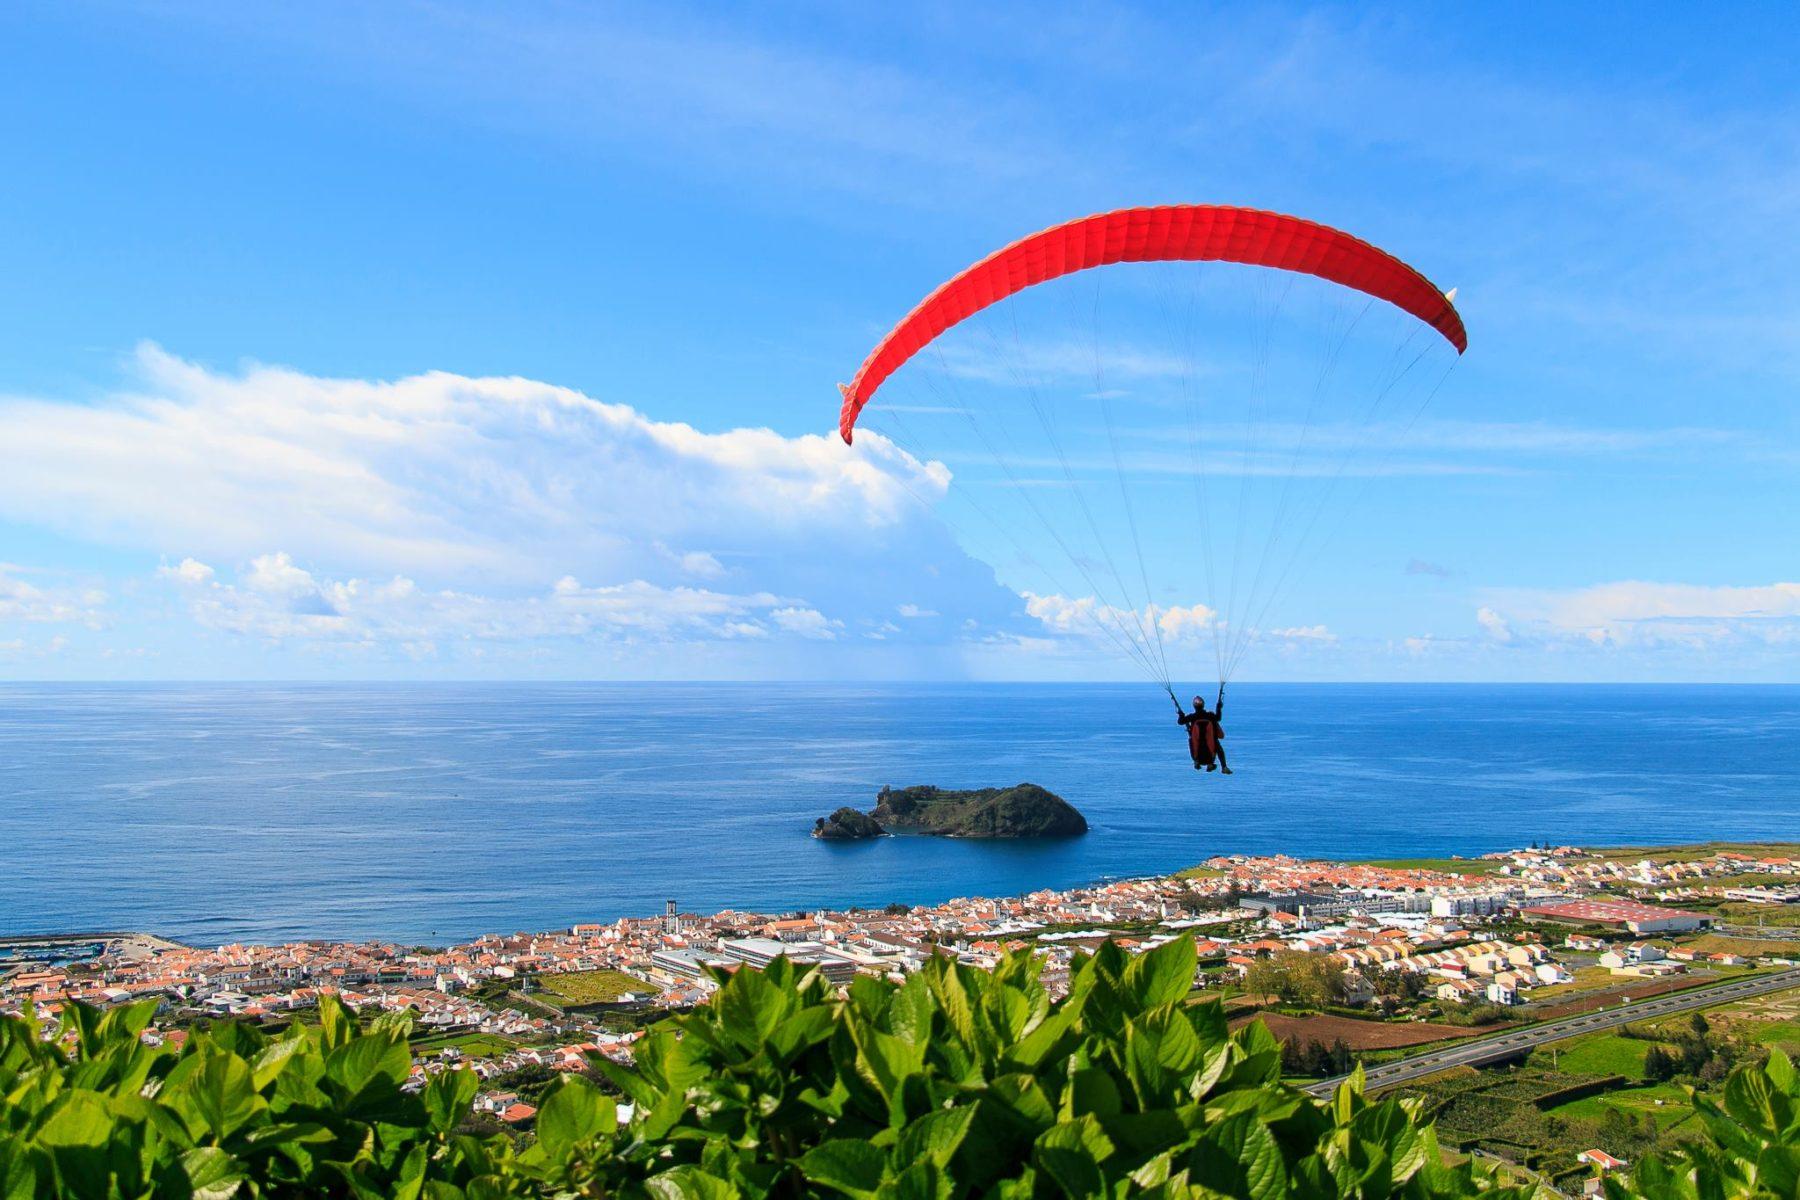 Voando sobre Vila Franca do Campo